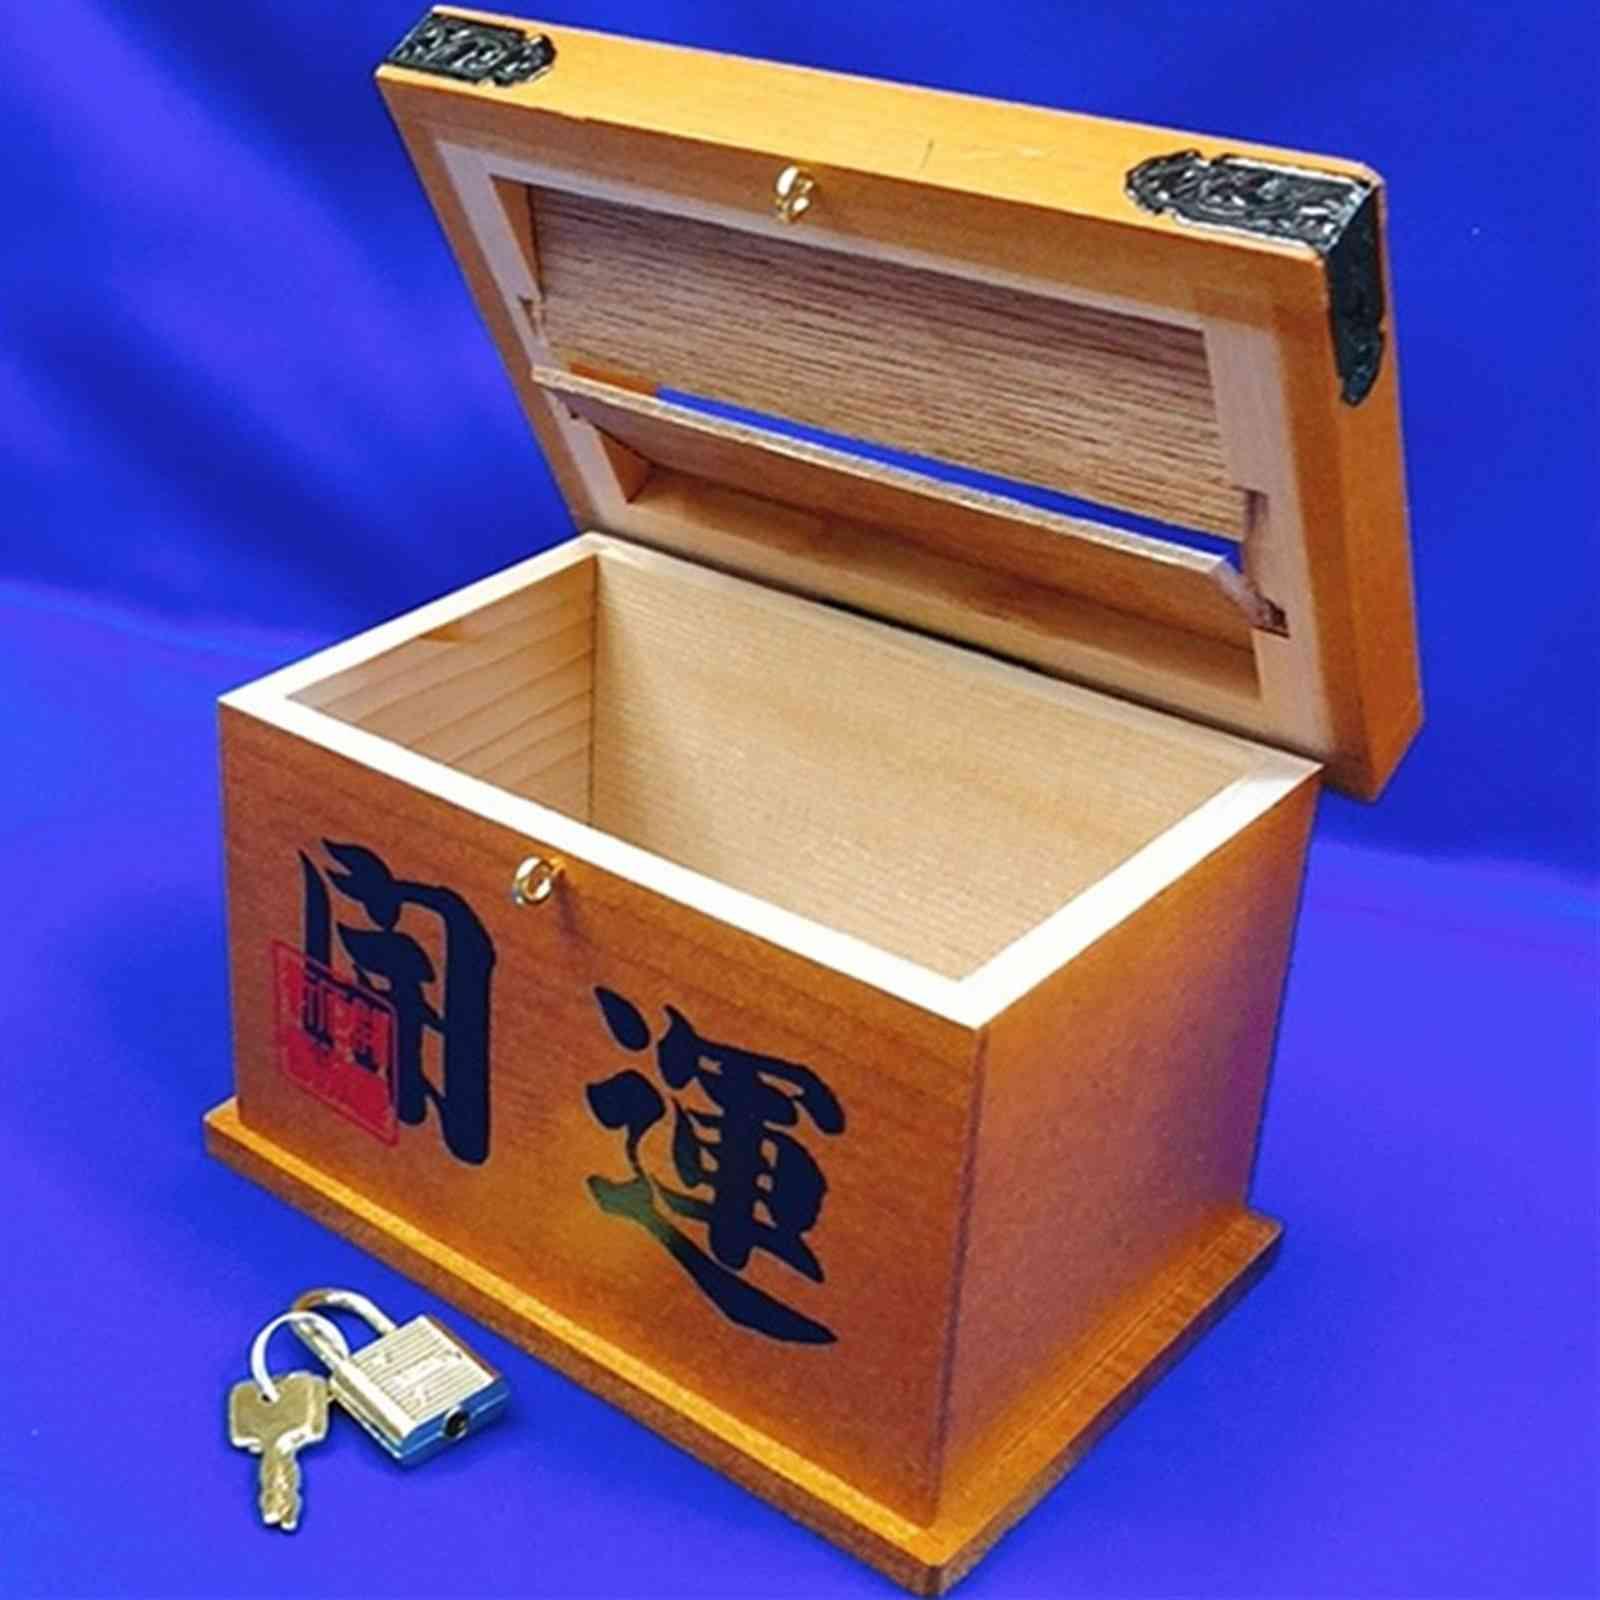 開運グッズ・飾り物 鍵付き賽銭箱 木製 H9.5cm [浅草 お土産]